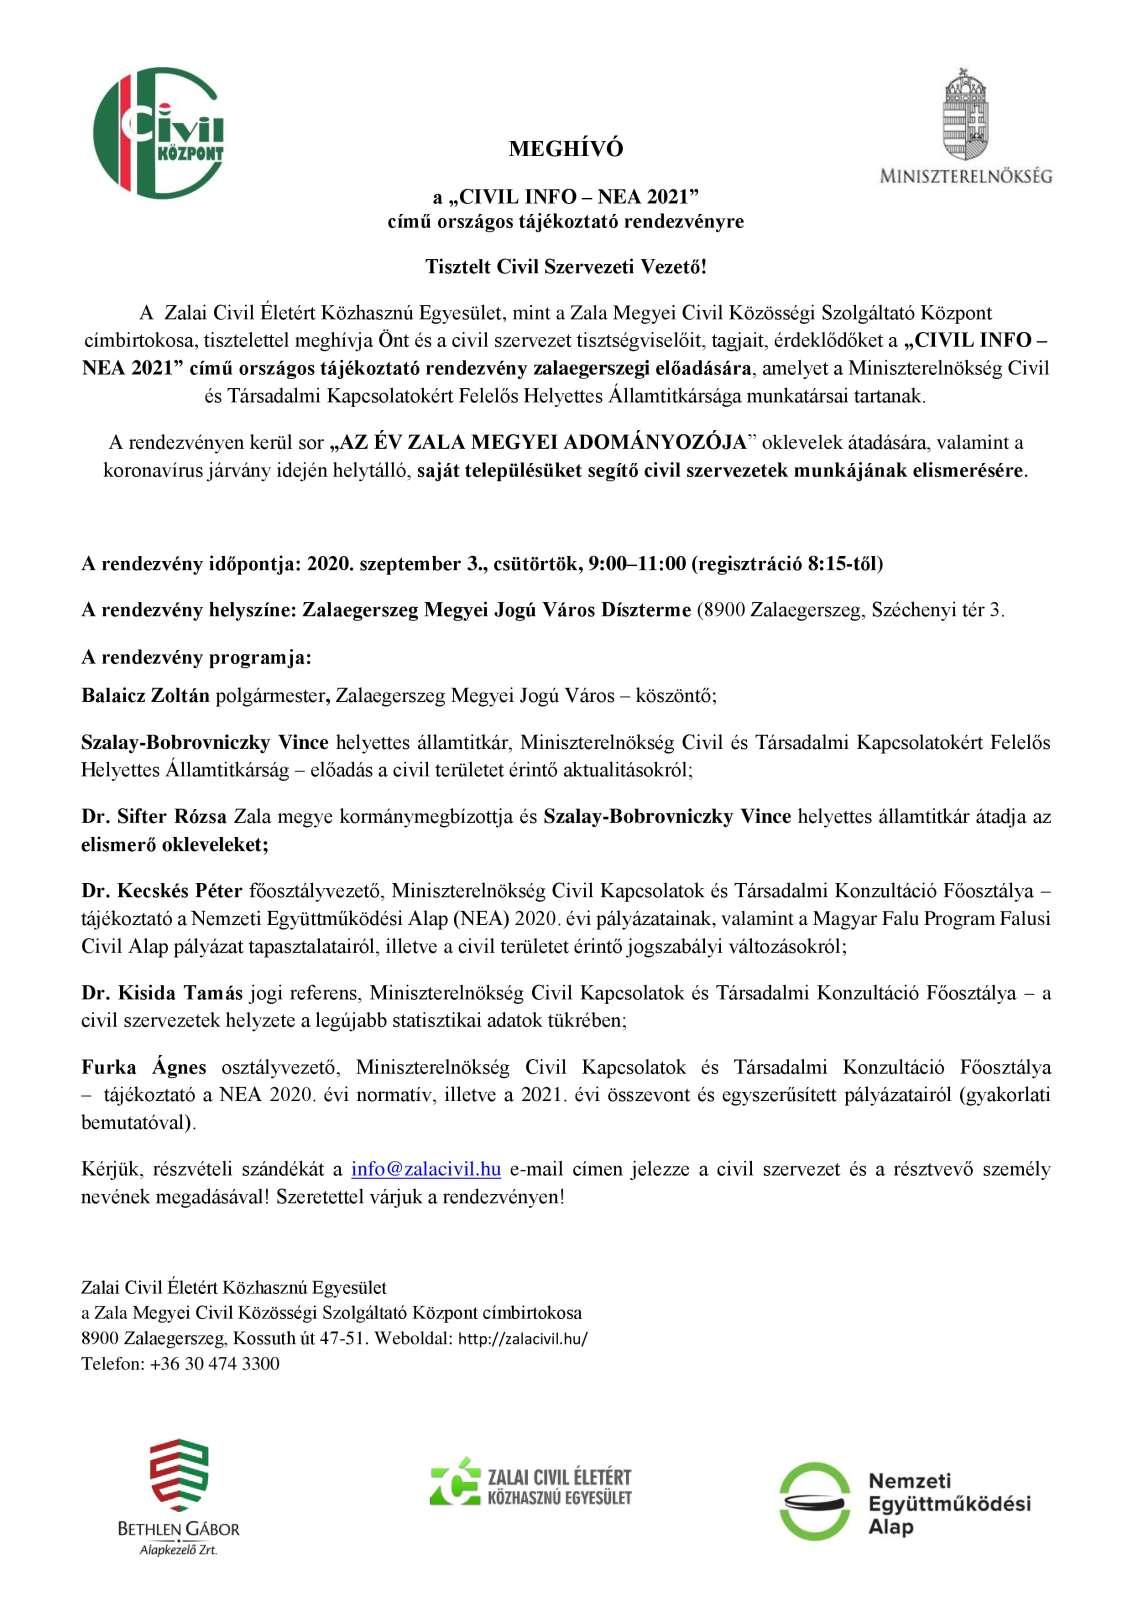 Ad - CIVIL INFO - NEA 2021 országos tájékoztató rendezvény_meghívó ME-page-0-1